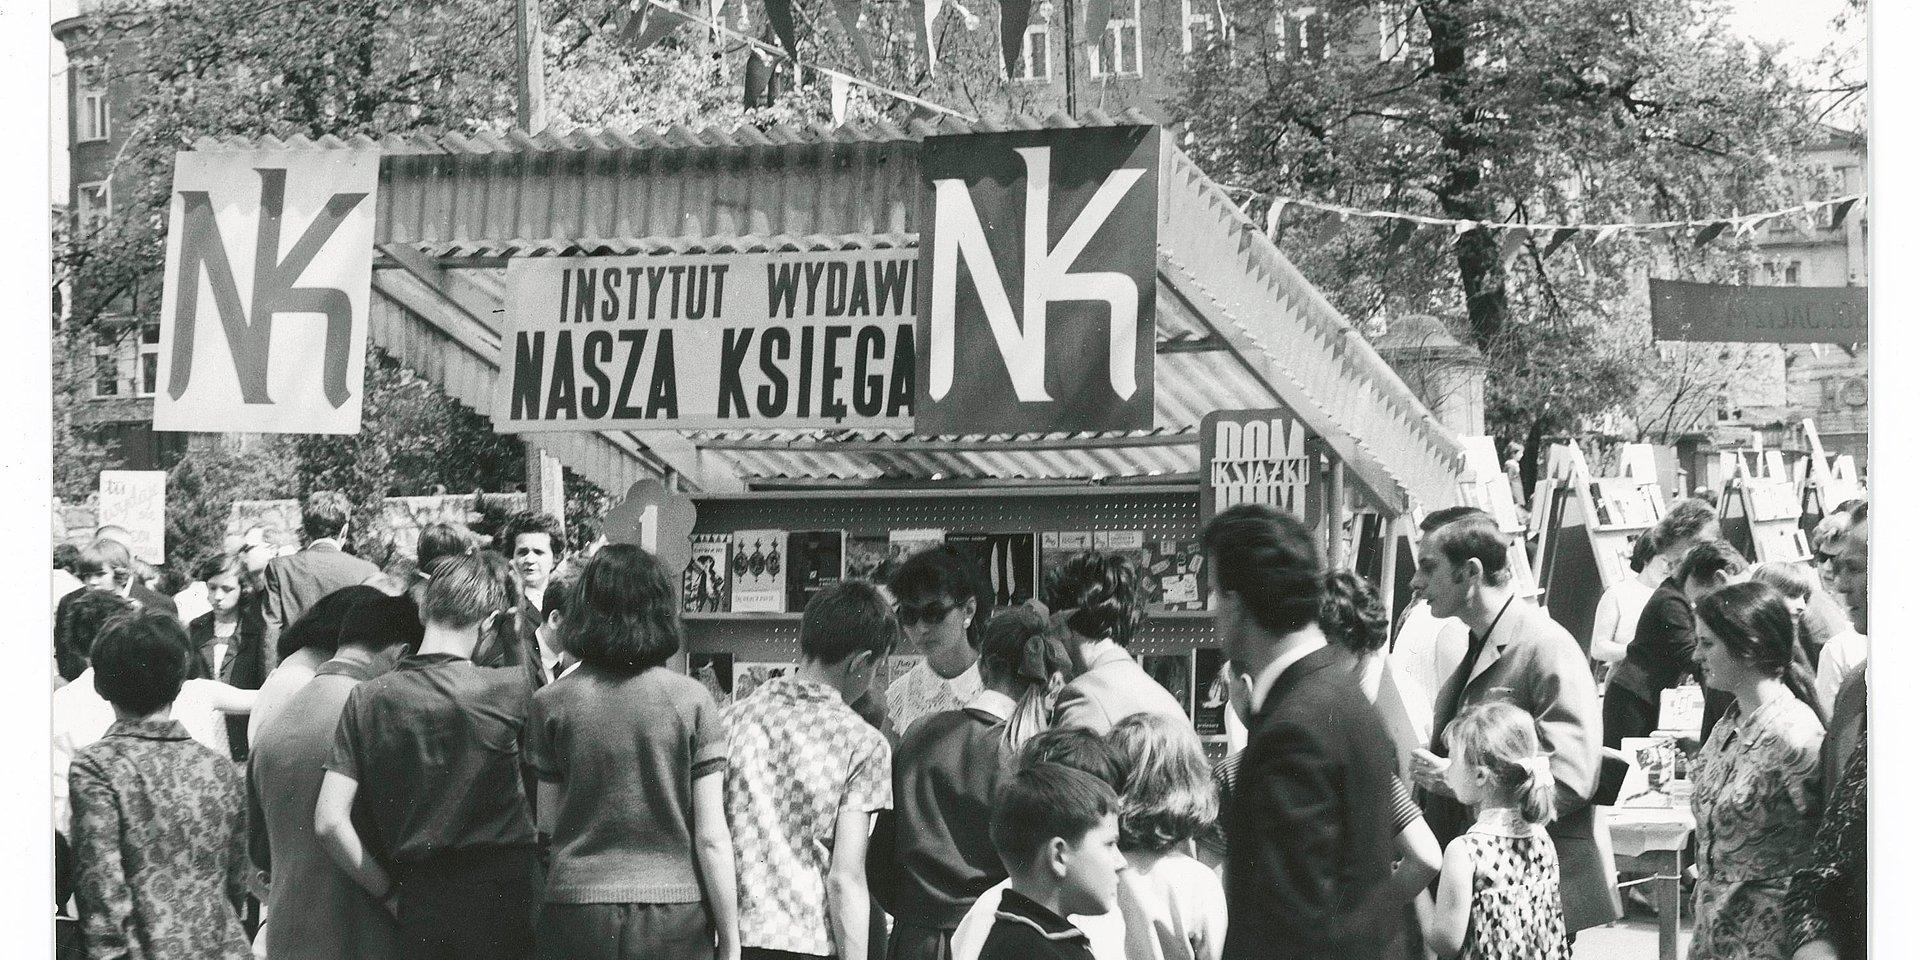 100 lat Naszej Księgarni. Poznaj wydawcę Mikołajka i Pucia!